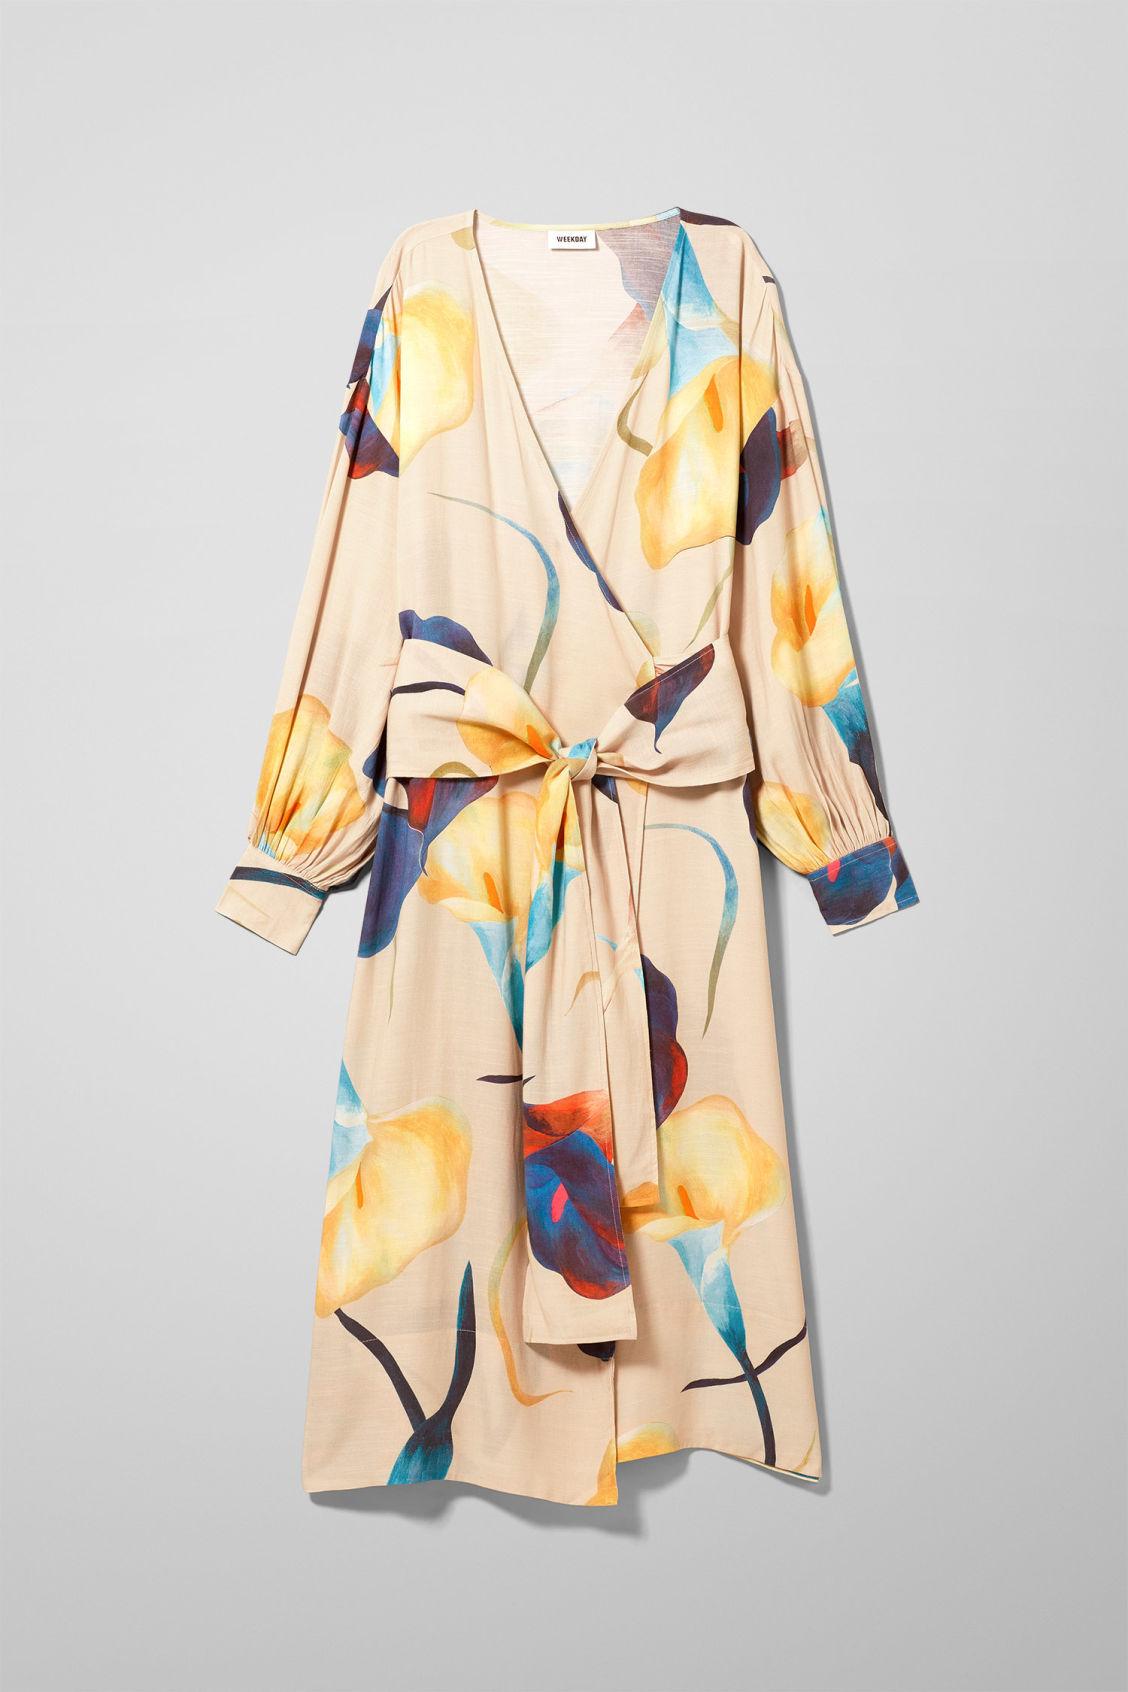 Dress Dressesamp; Beige Weekday Jumpsuits Layna sxtrdhQC